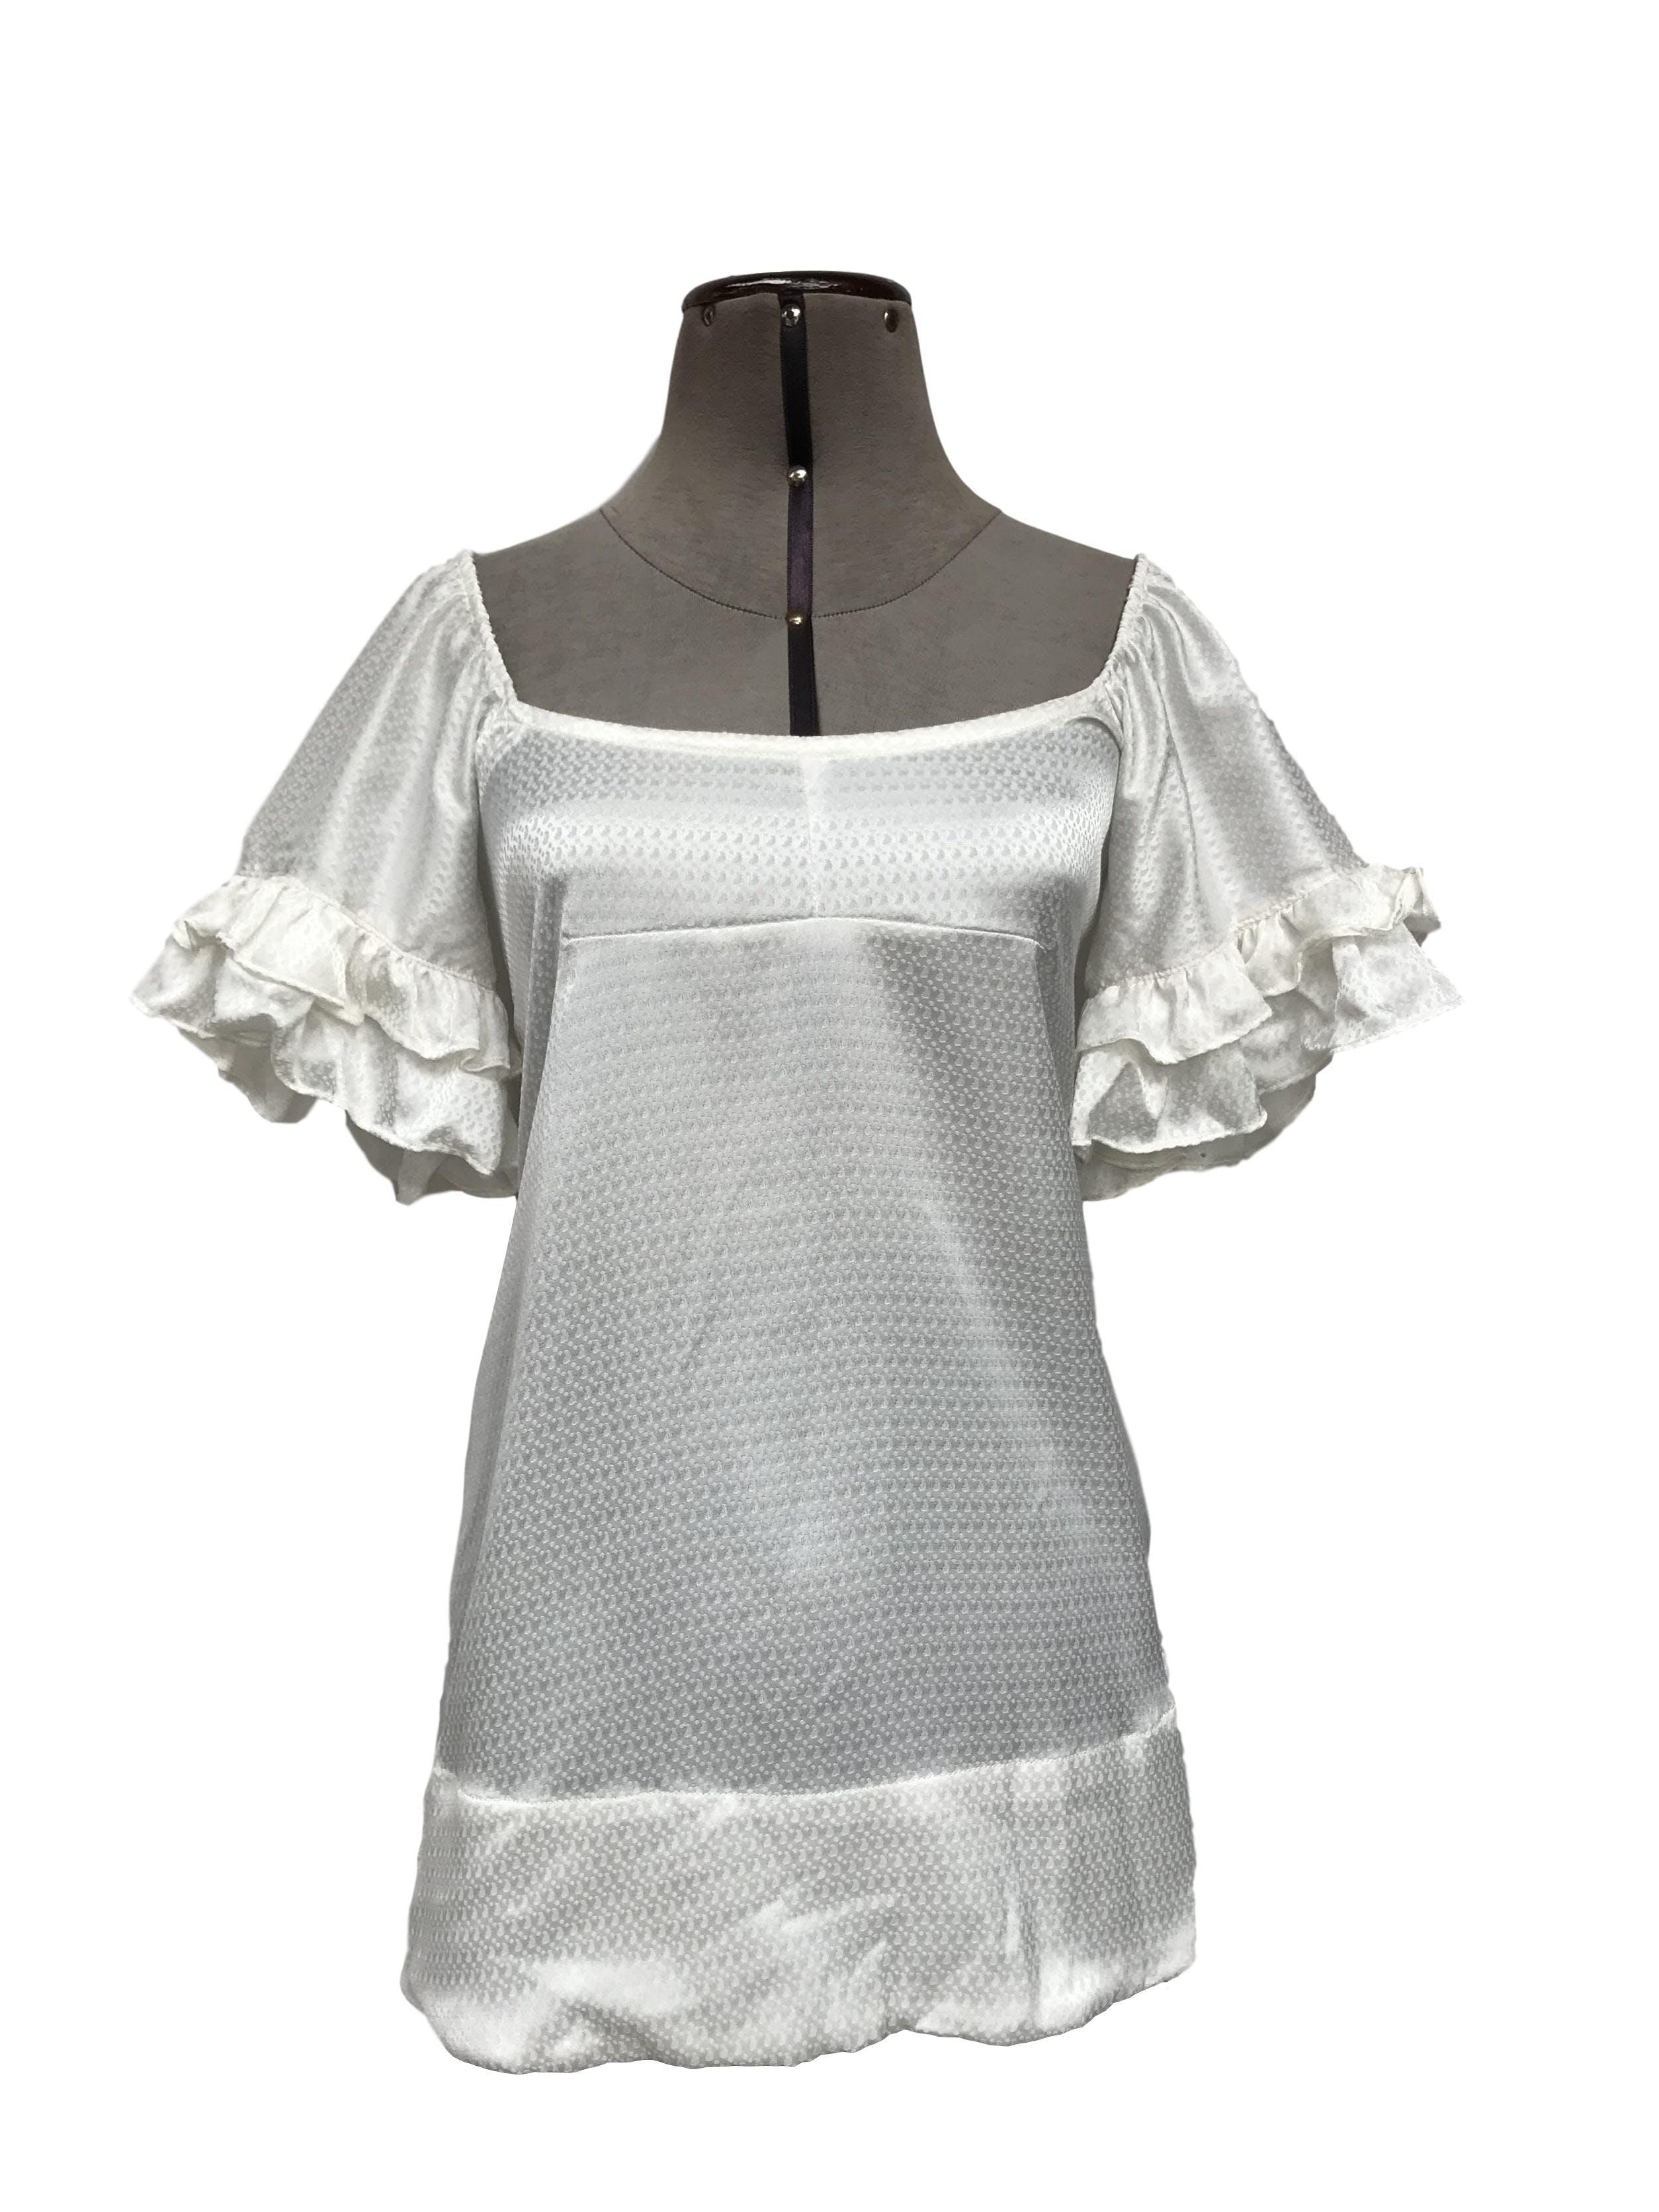 Blusa Coco Jolie crema con brocado al tono, puede ser off shoulder, lleva volantes en las mangas Talla M